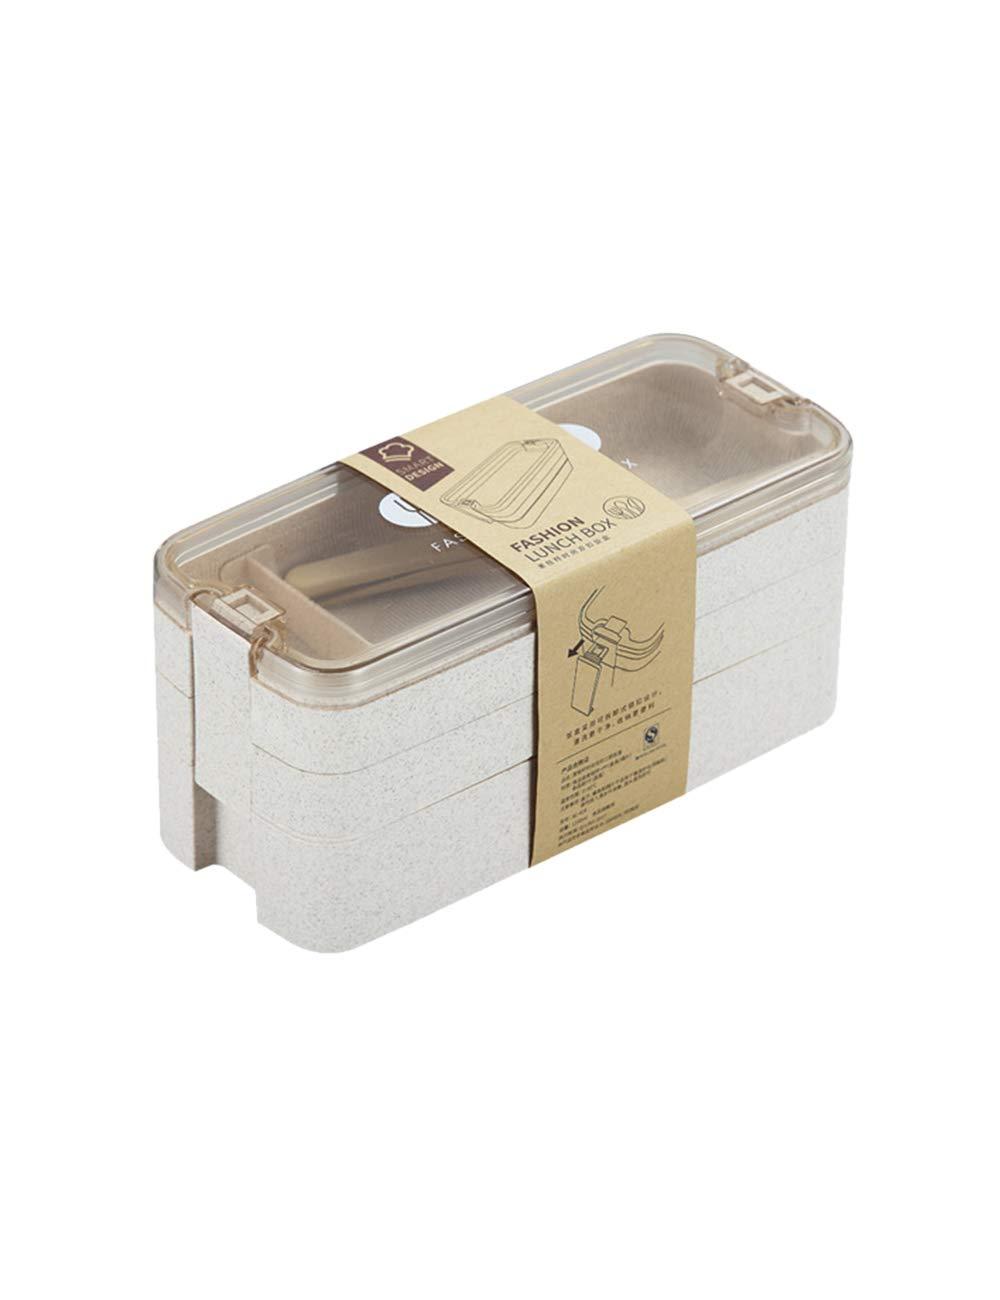 Fiambreras bento Reutilizables Caja de Bento con Cuchara Tenedor SPDYCESS Fiambrera Compartimentos 3 Niveles Lonchera a Prueba de Fugas para Ni/ños y Adultos